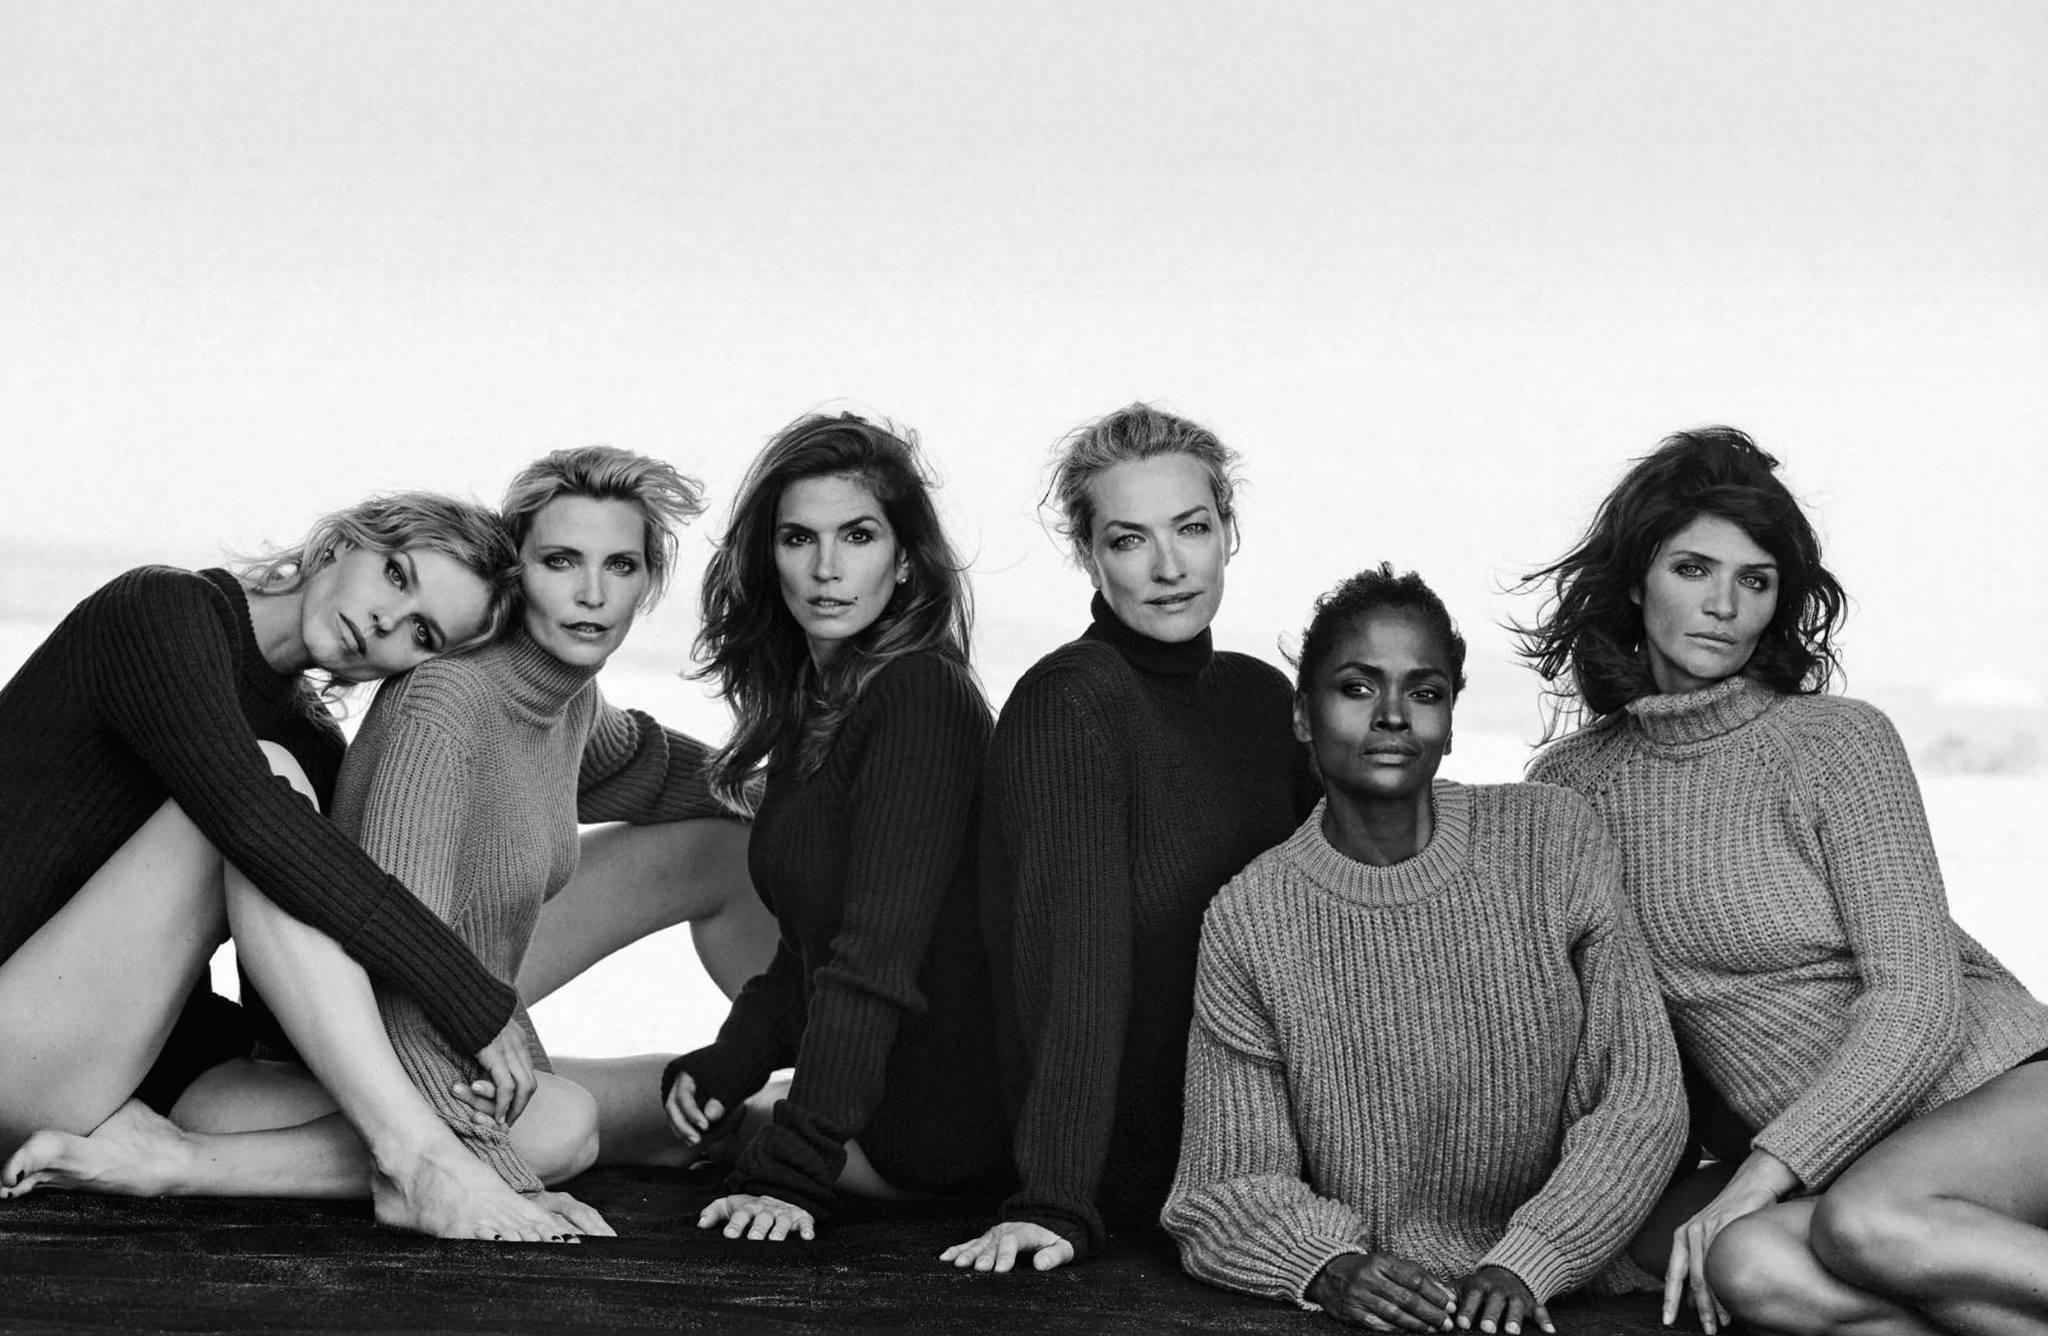 fotografía de moda y fotógrafos de moda